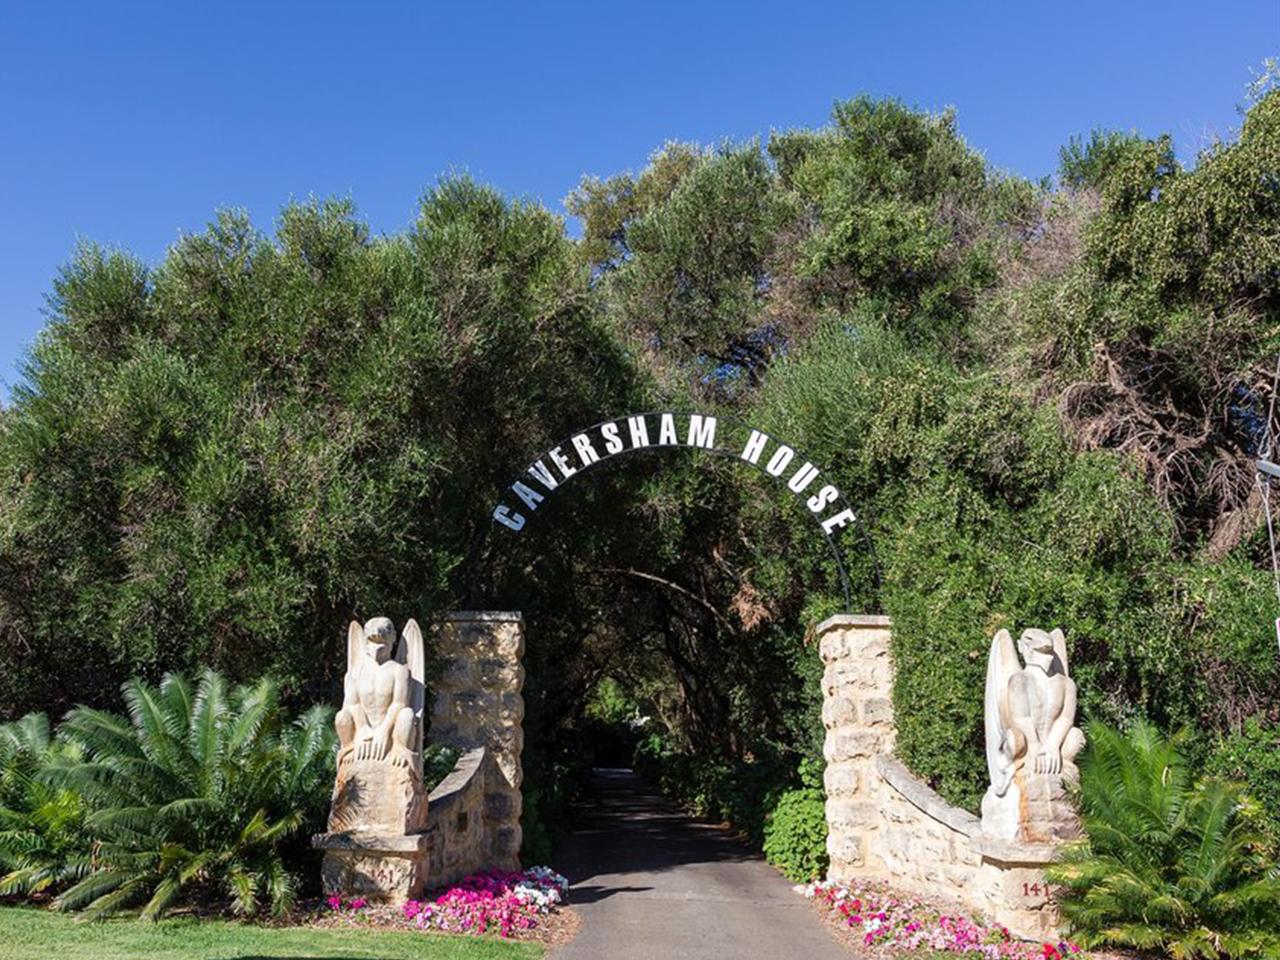 Caversham's Main Entrance